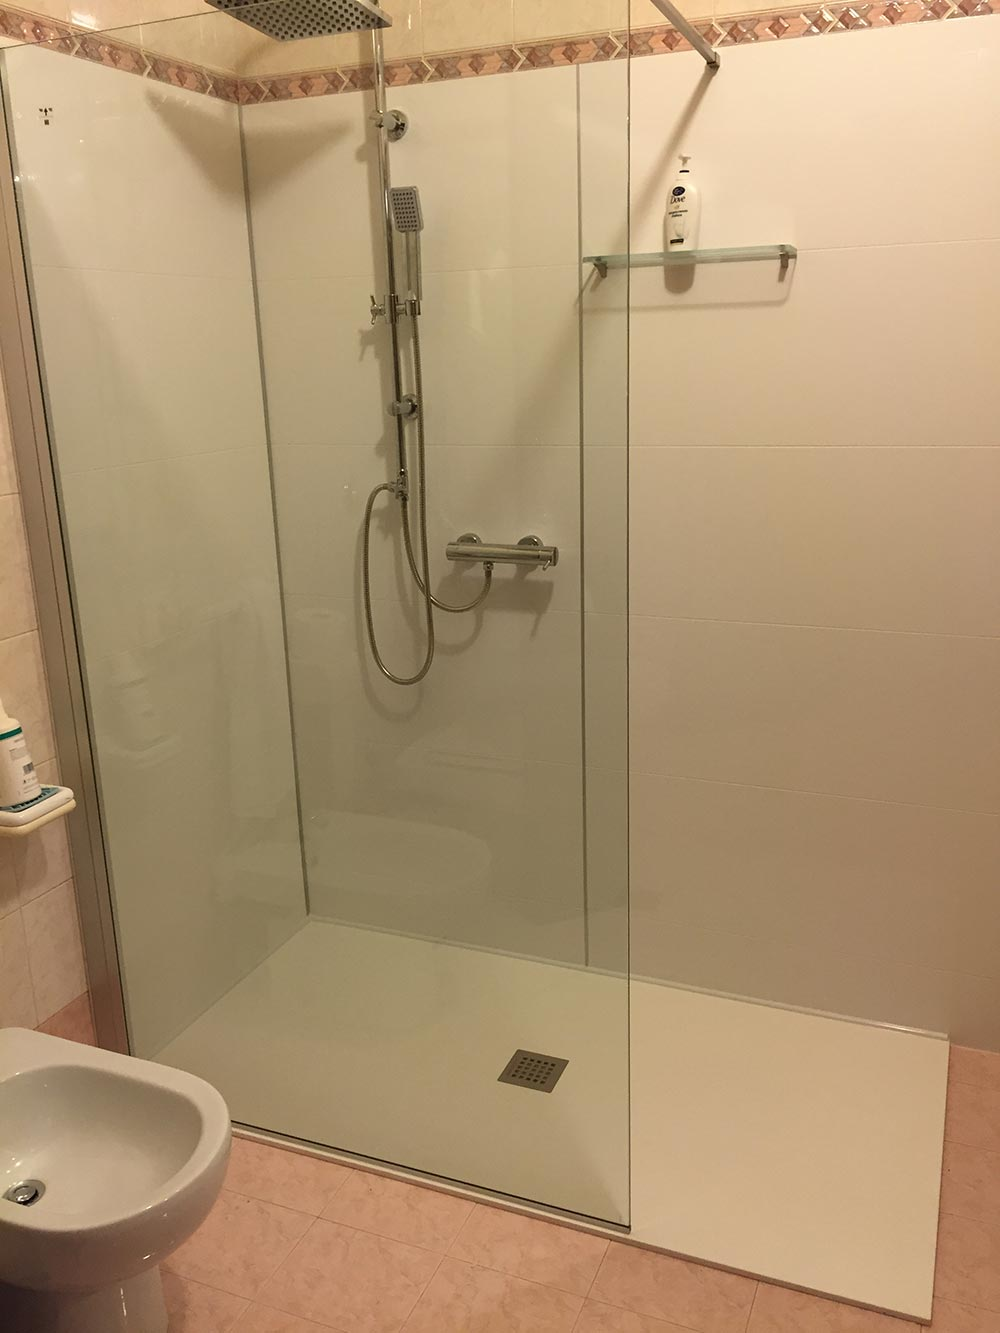 Piatto doccia filo pavimento piatto doccia per disabili - Sigillare fughe piastrelle doccia ...